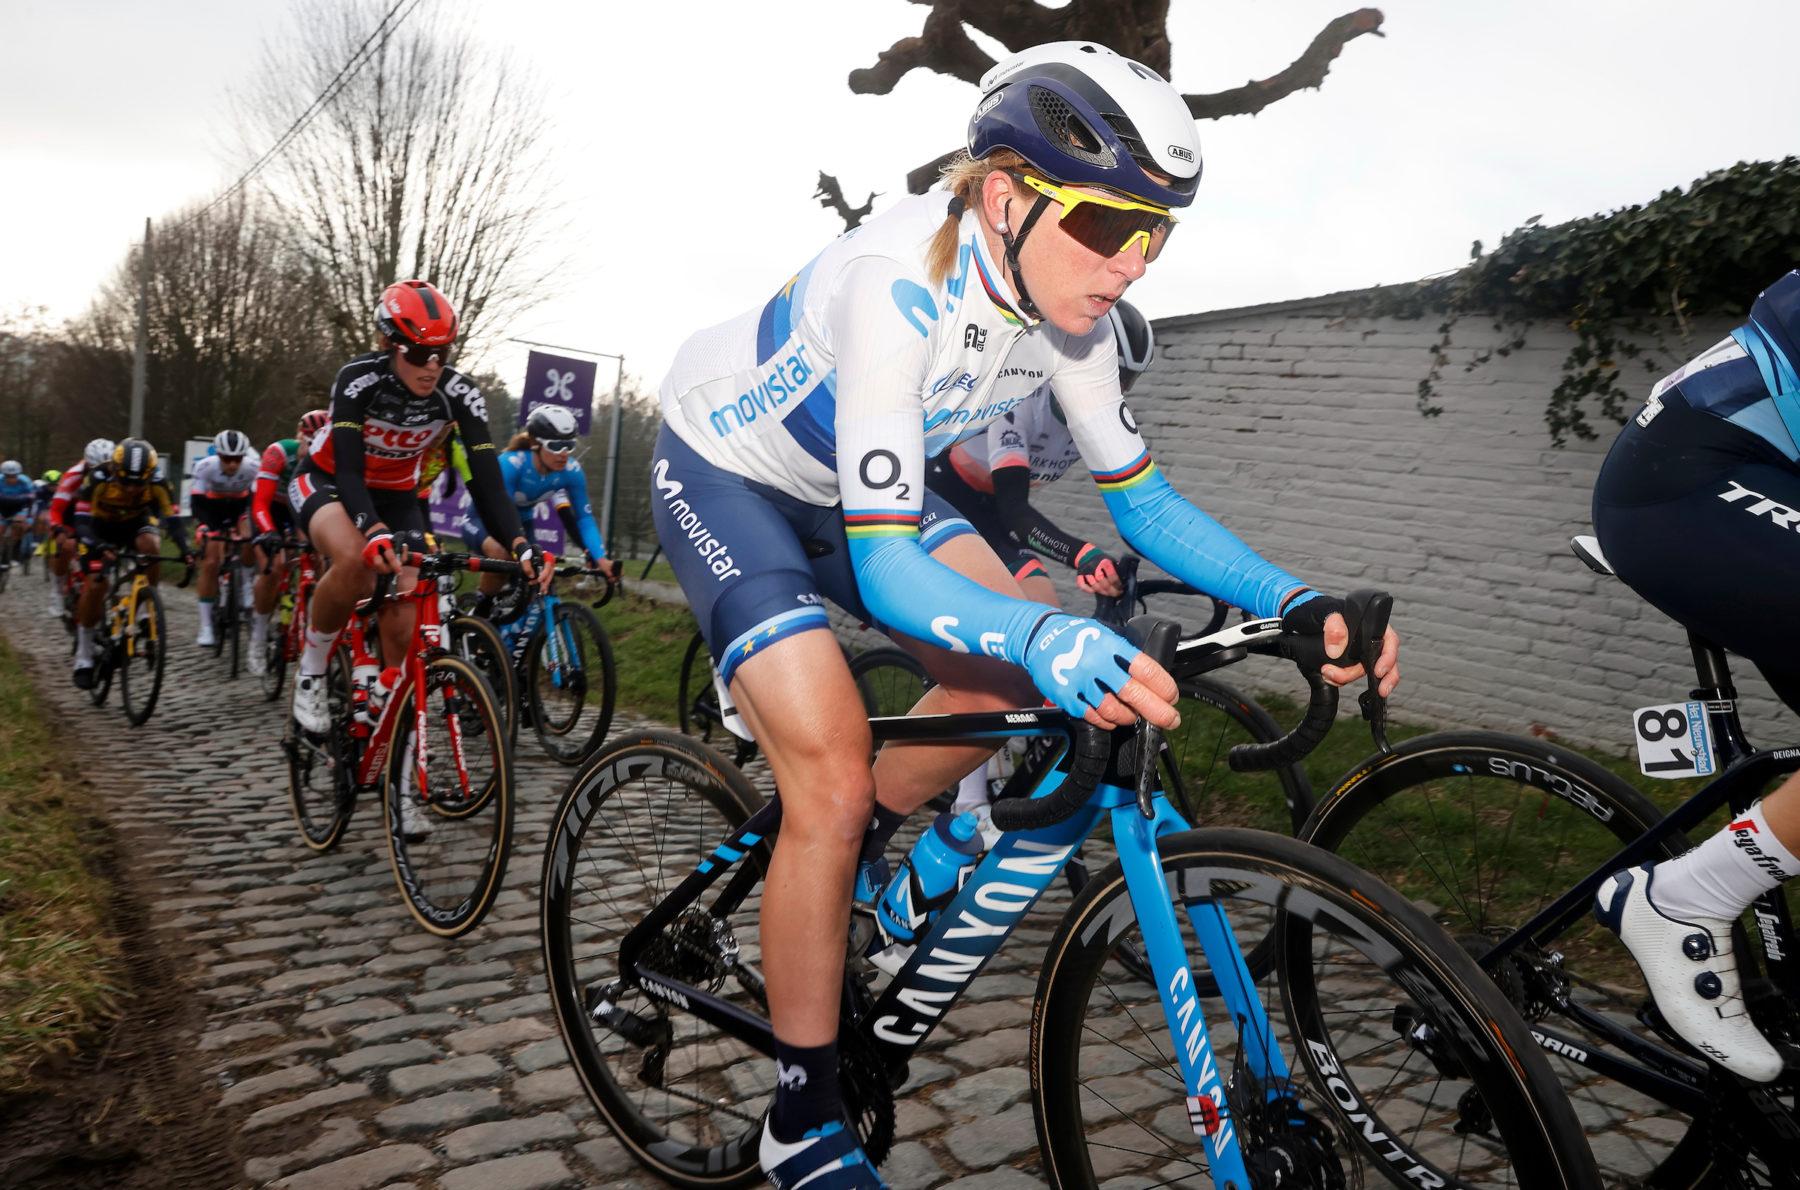 News' image'Van Vleuten vuelve a la competición en A Través de Flandes (miércoles 31)'